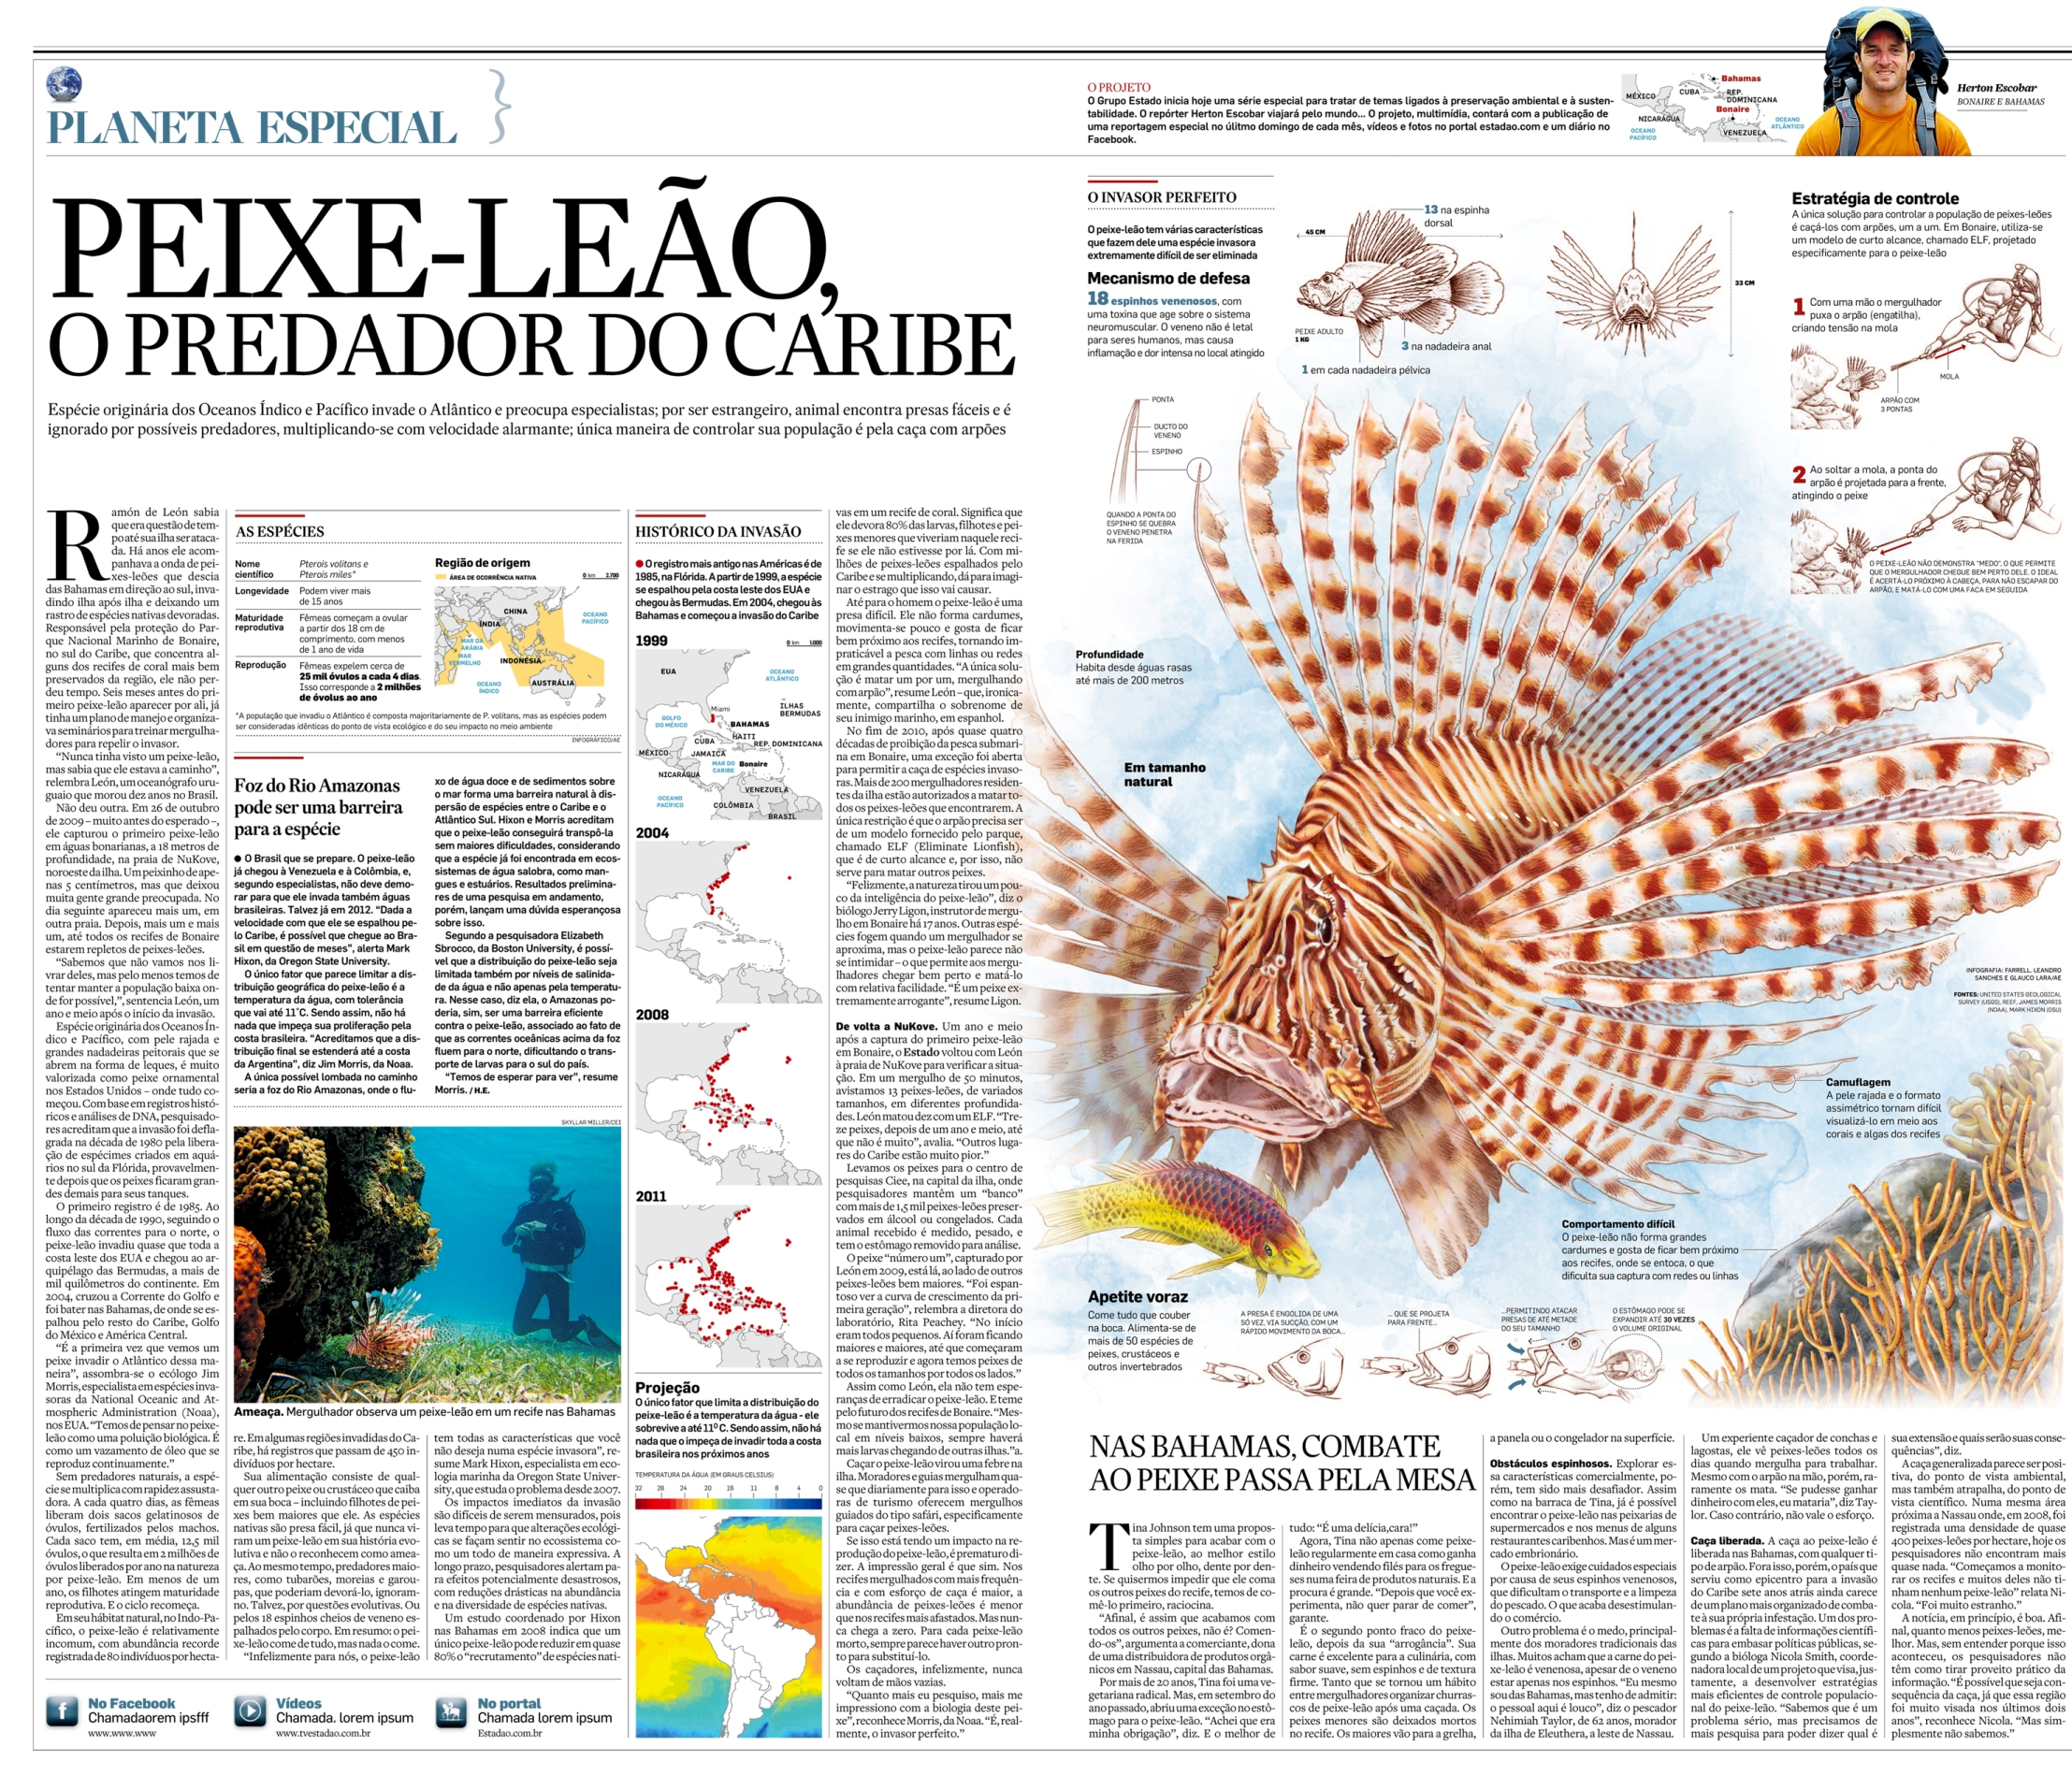 Repórter Viajante: Peixe-leão, o terror do Caribe